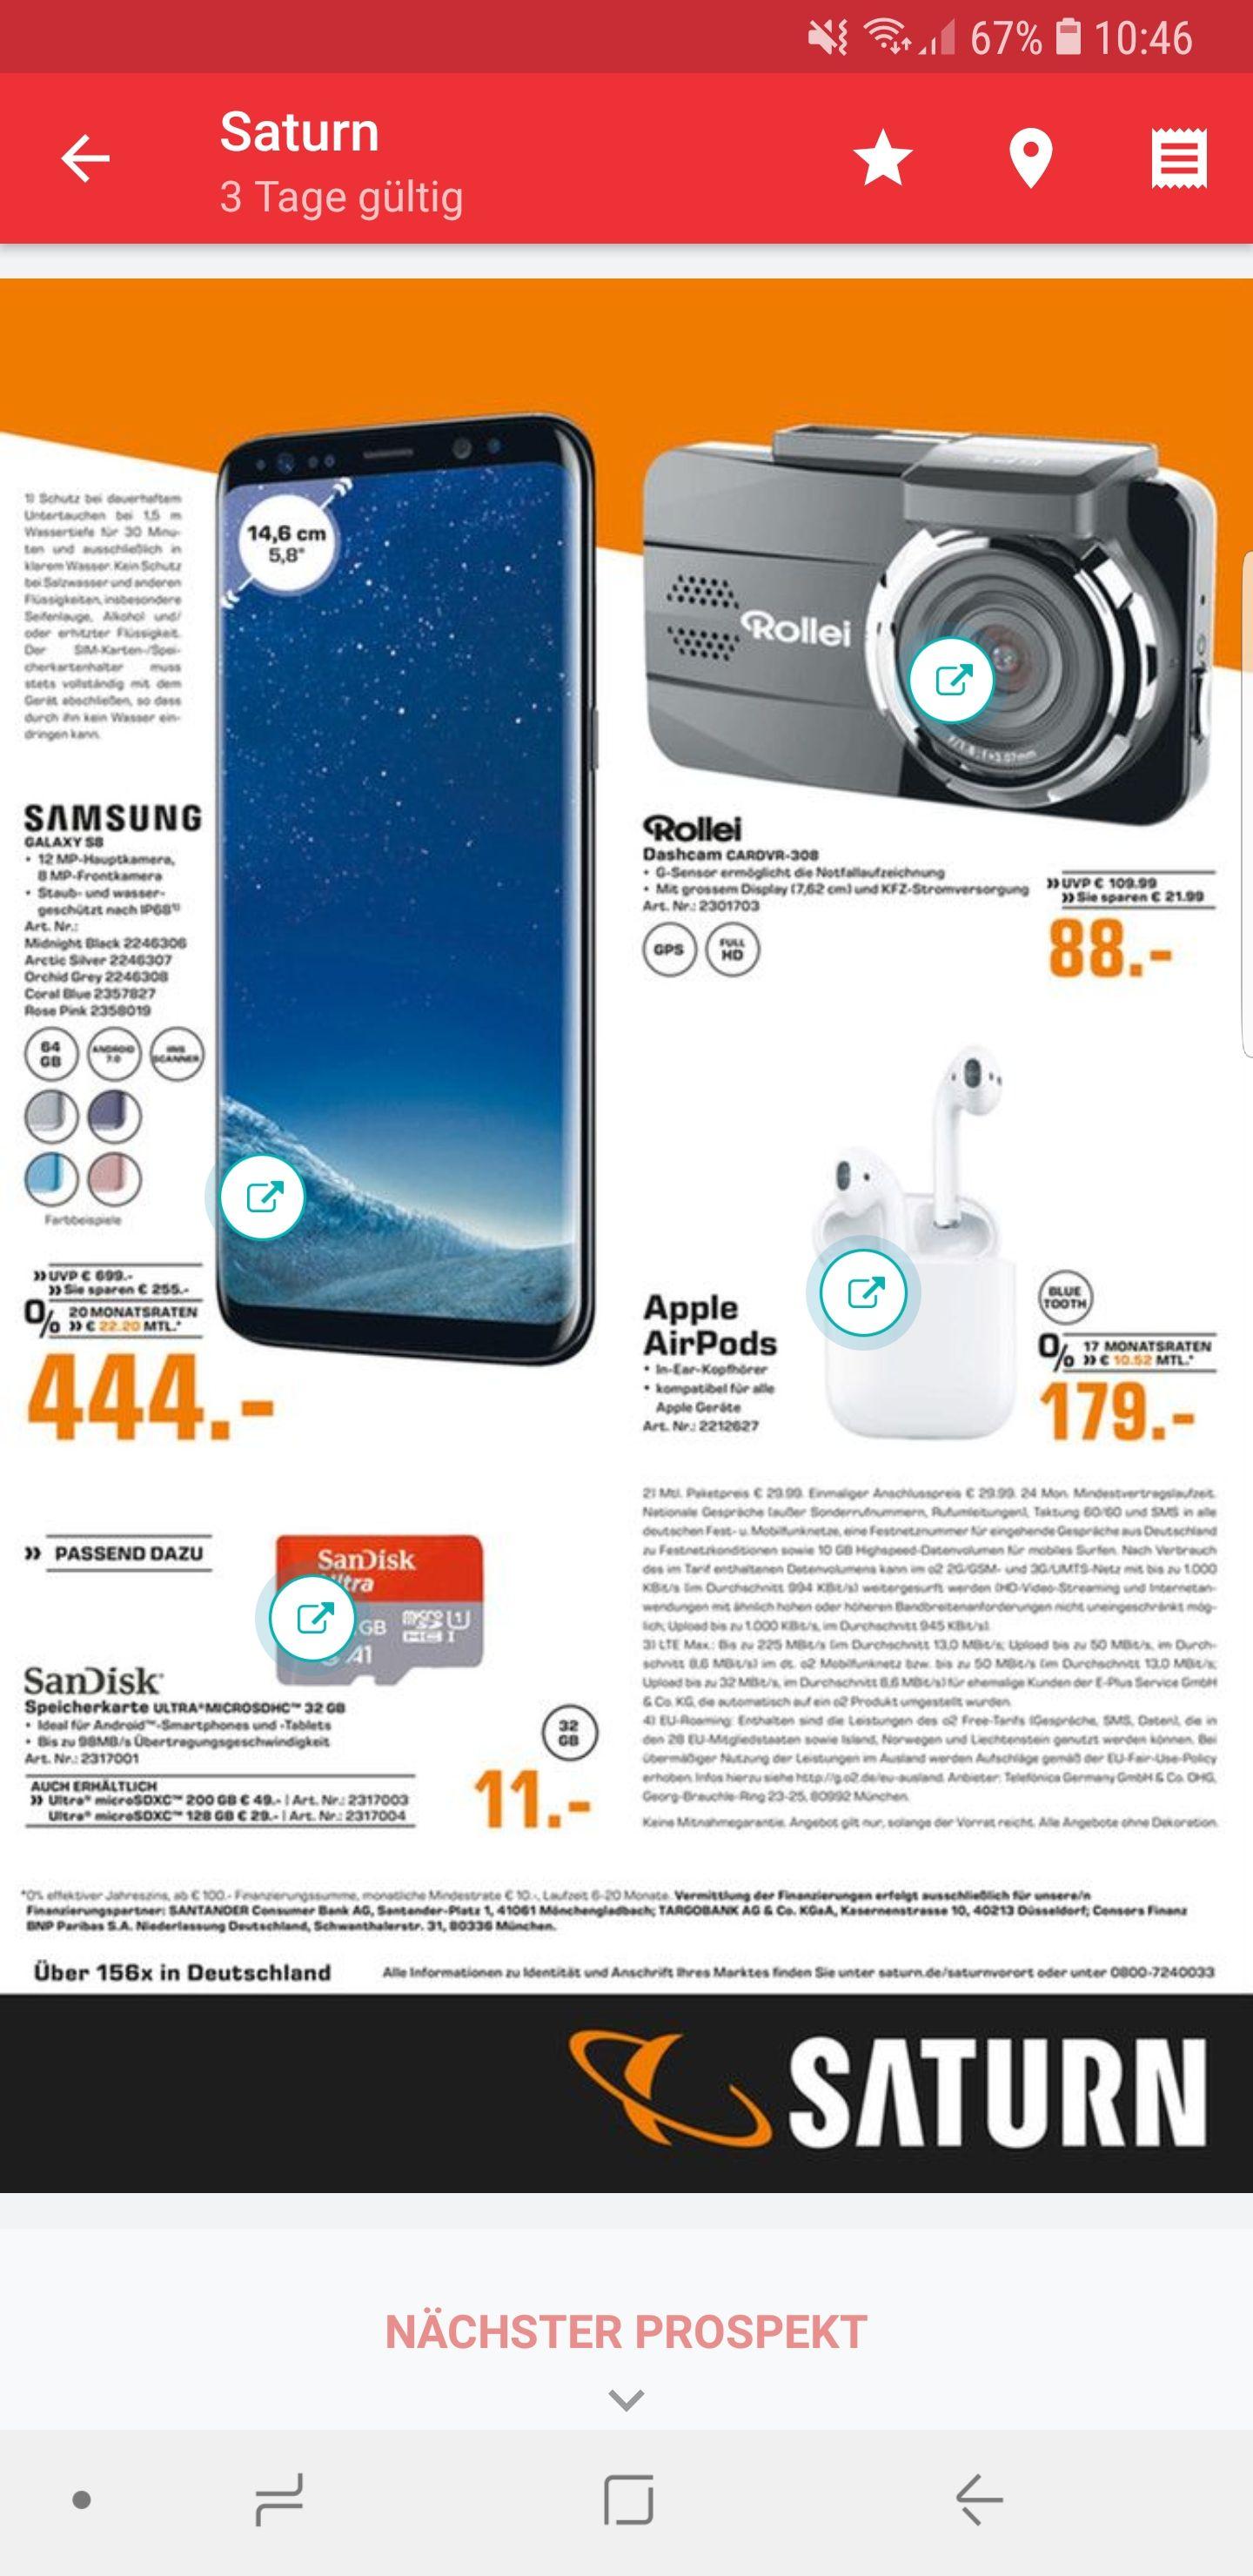 [Saturn] Samsung Galaxy S8 für 444 , Apple Airpods 179€